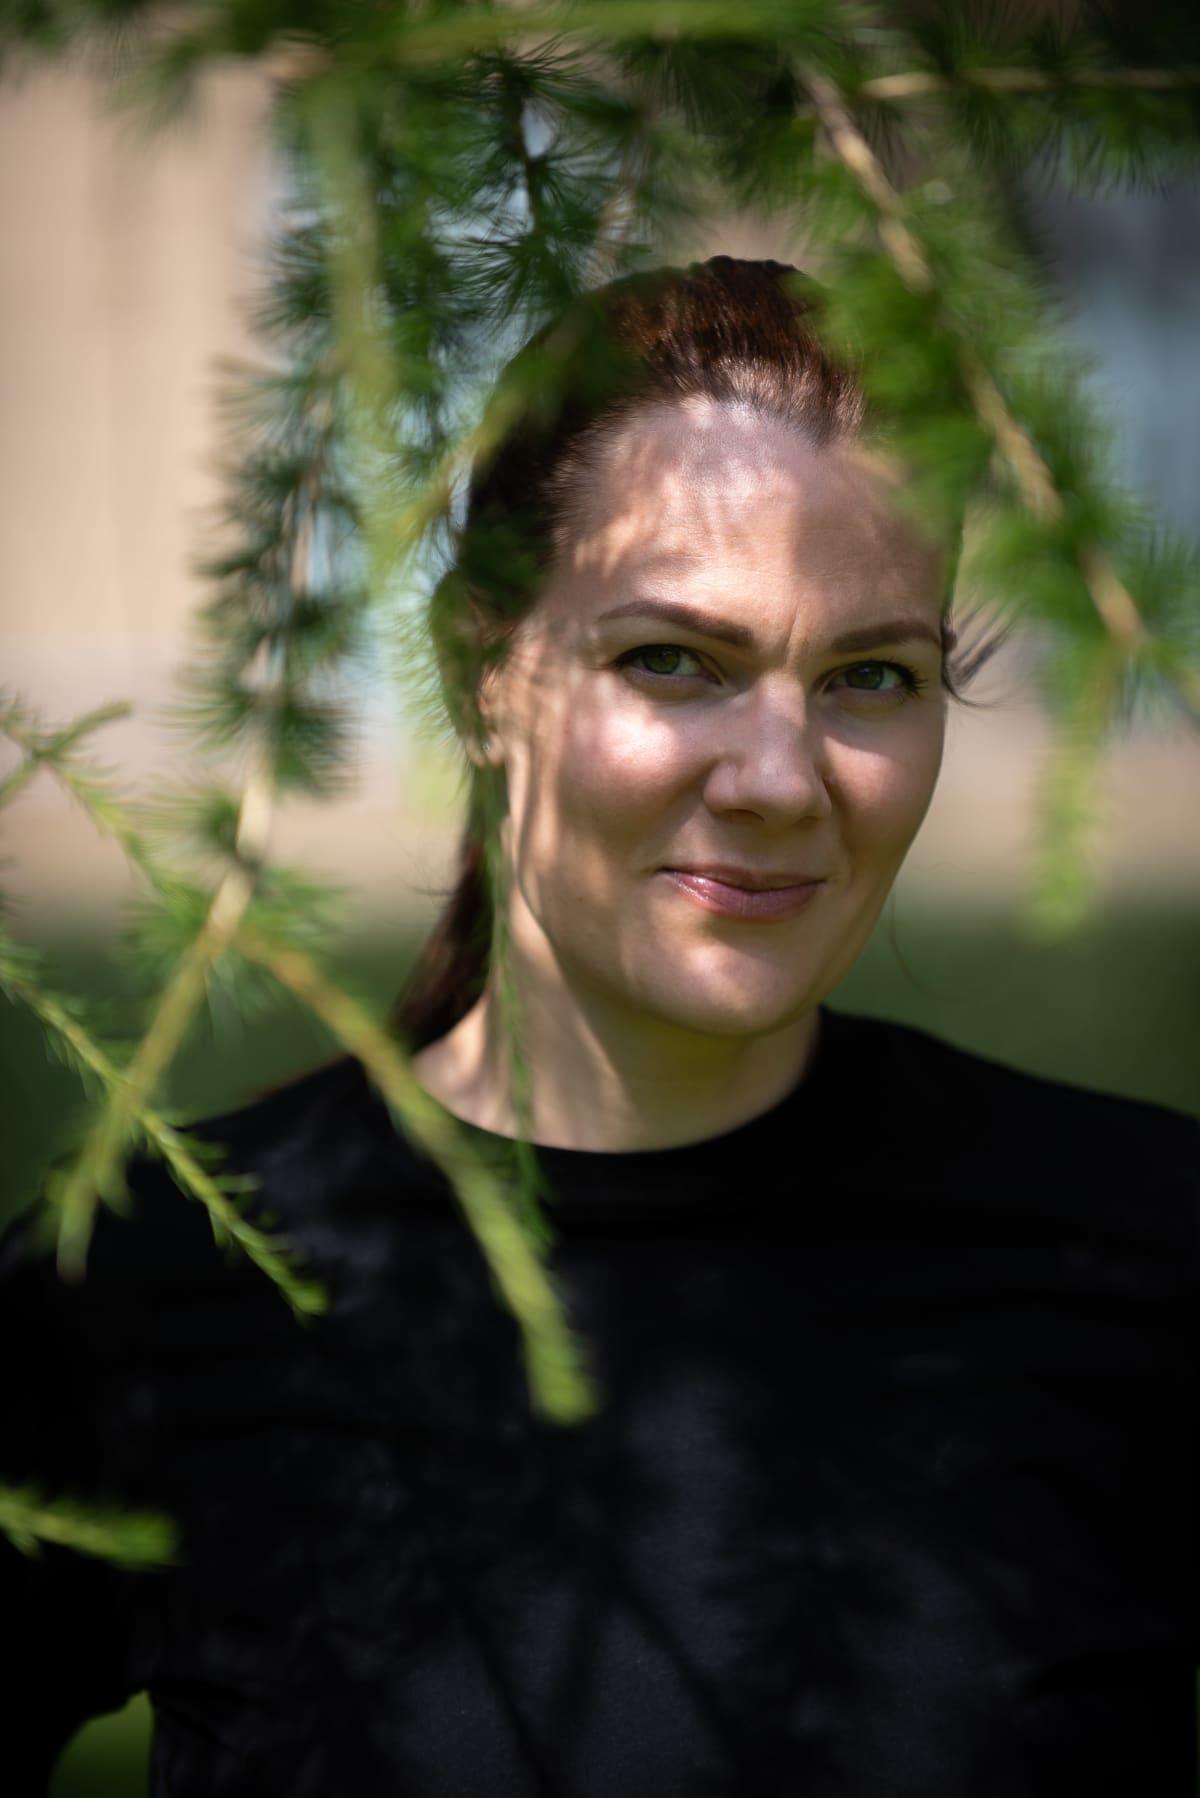 Outi Ellilä seisomassa puistossa, vihreät oksat kehystävät kasvoja.